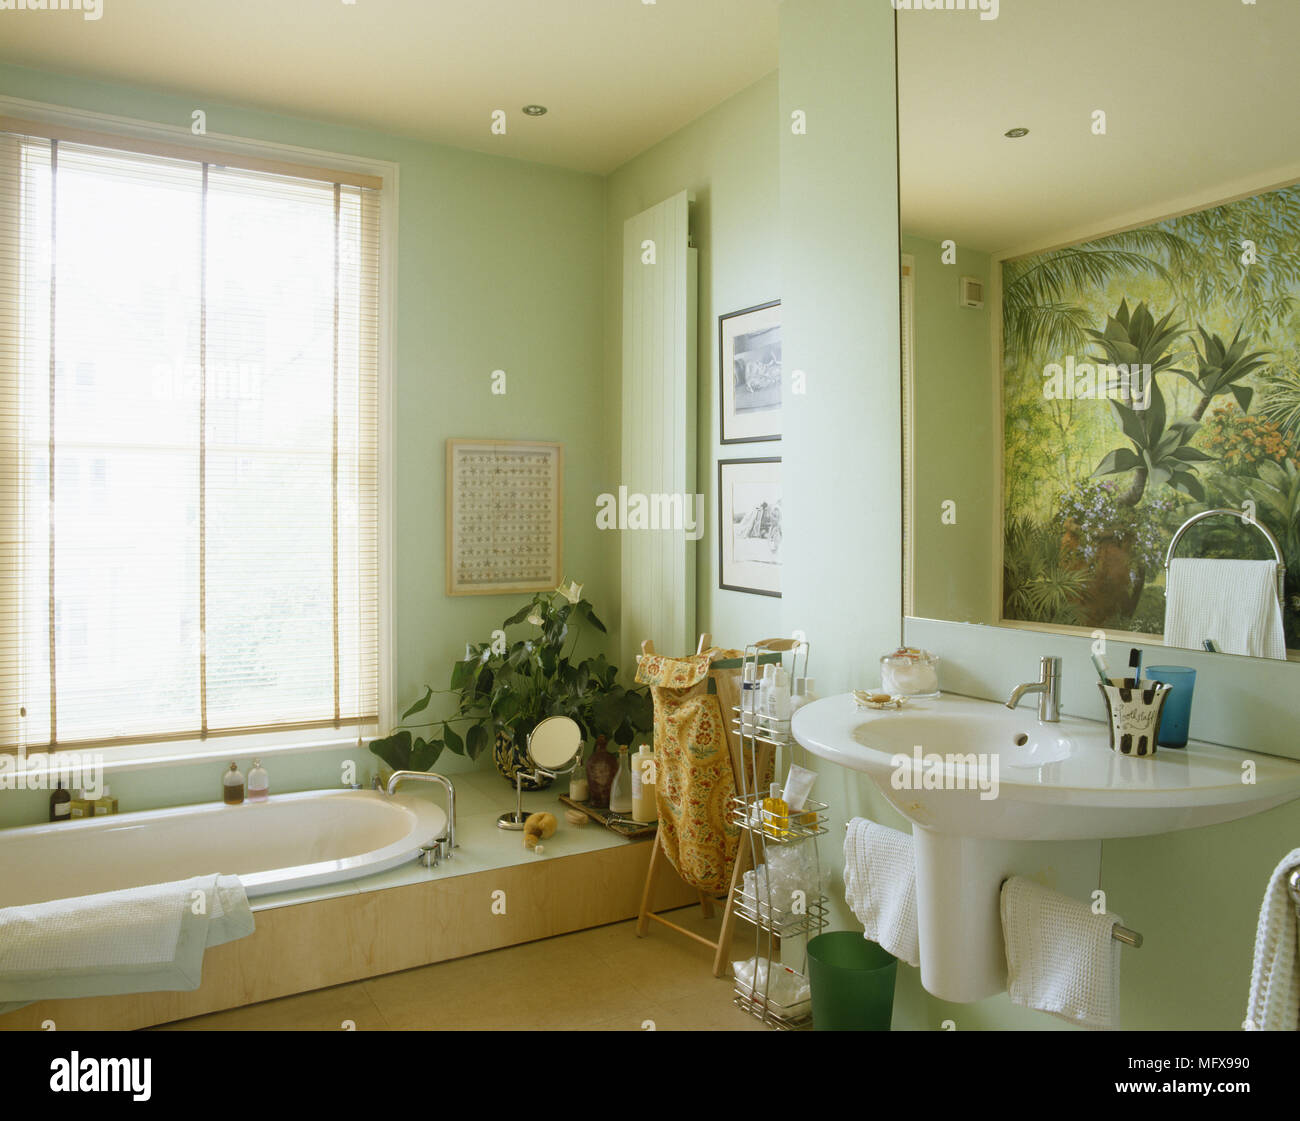 Eingelassene Badewanne Stockfotos Eingelassene Badewanne Bilder